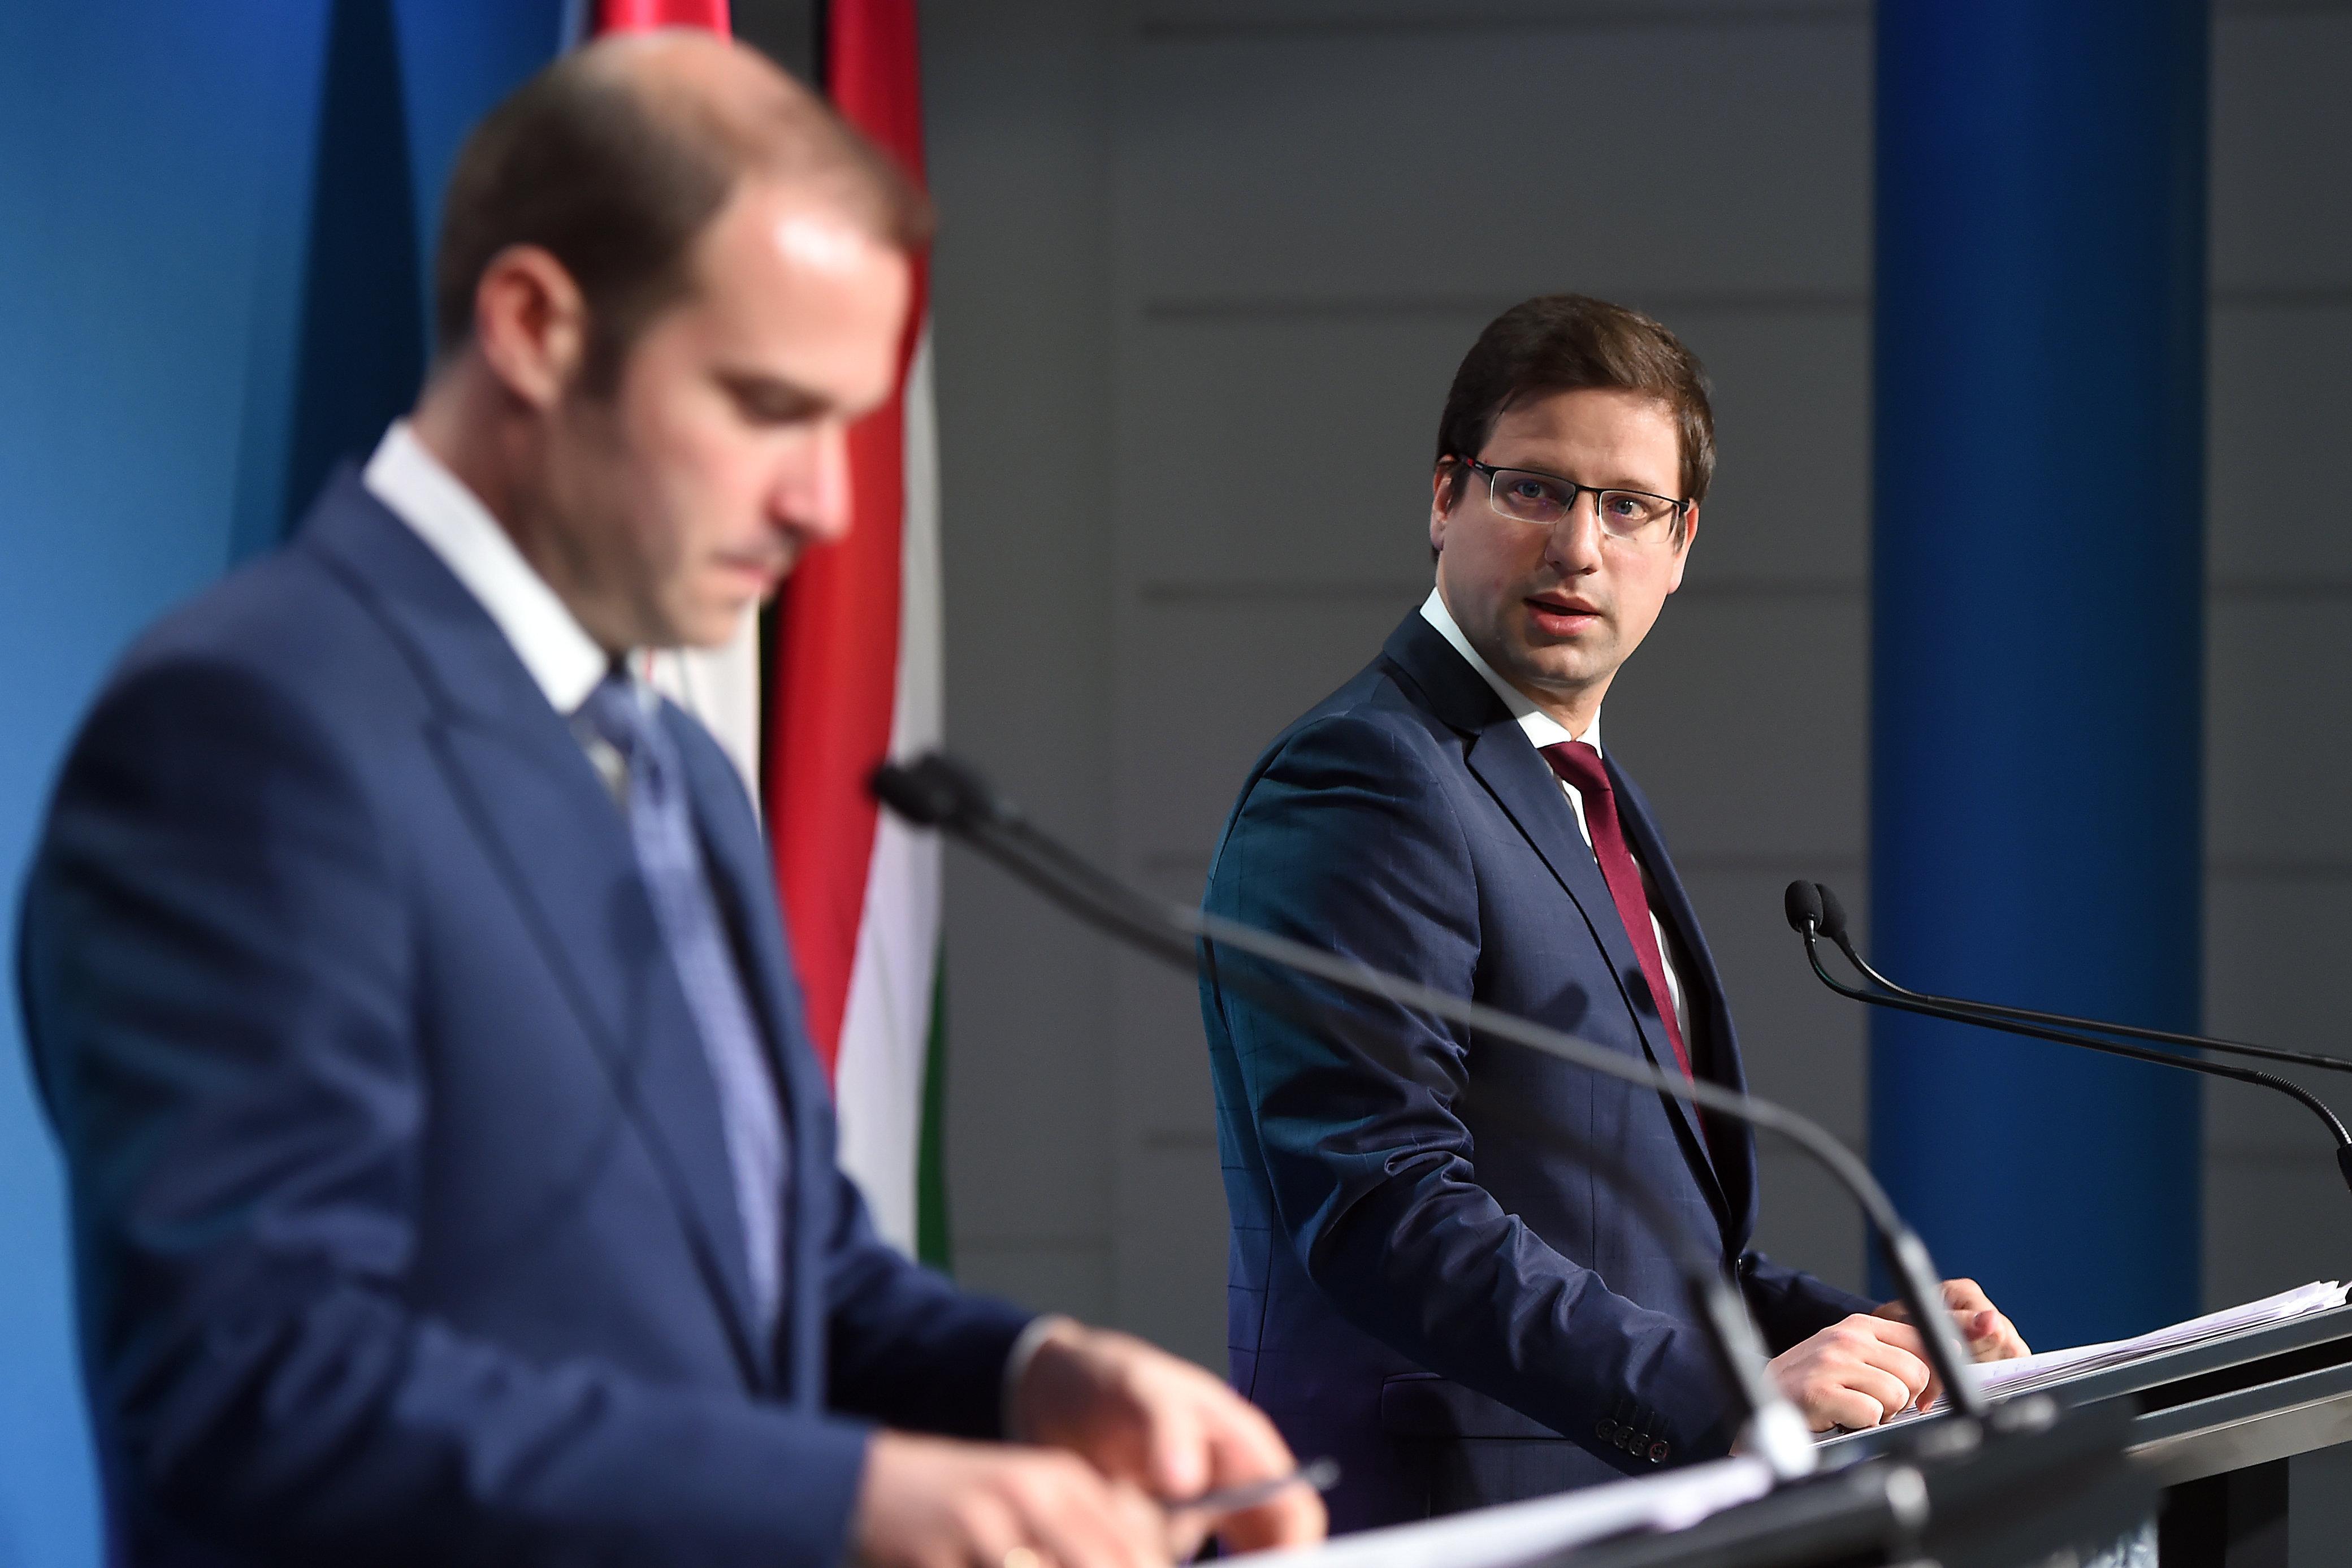 Ugyanabban a kerti buliban járt Hollik, Gulyás Gergely és Orbán Balázs, a kormánytagok a Fidesz kommunikációs igazgatója miatt kerültek karanténba